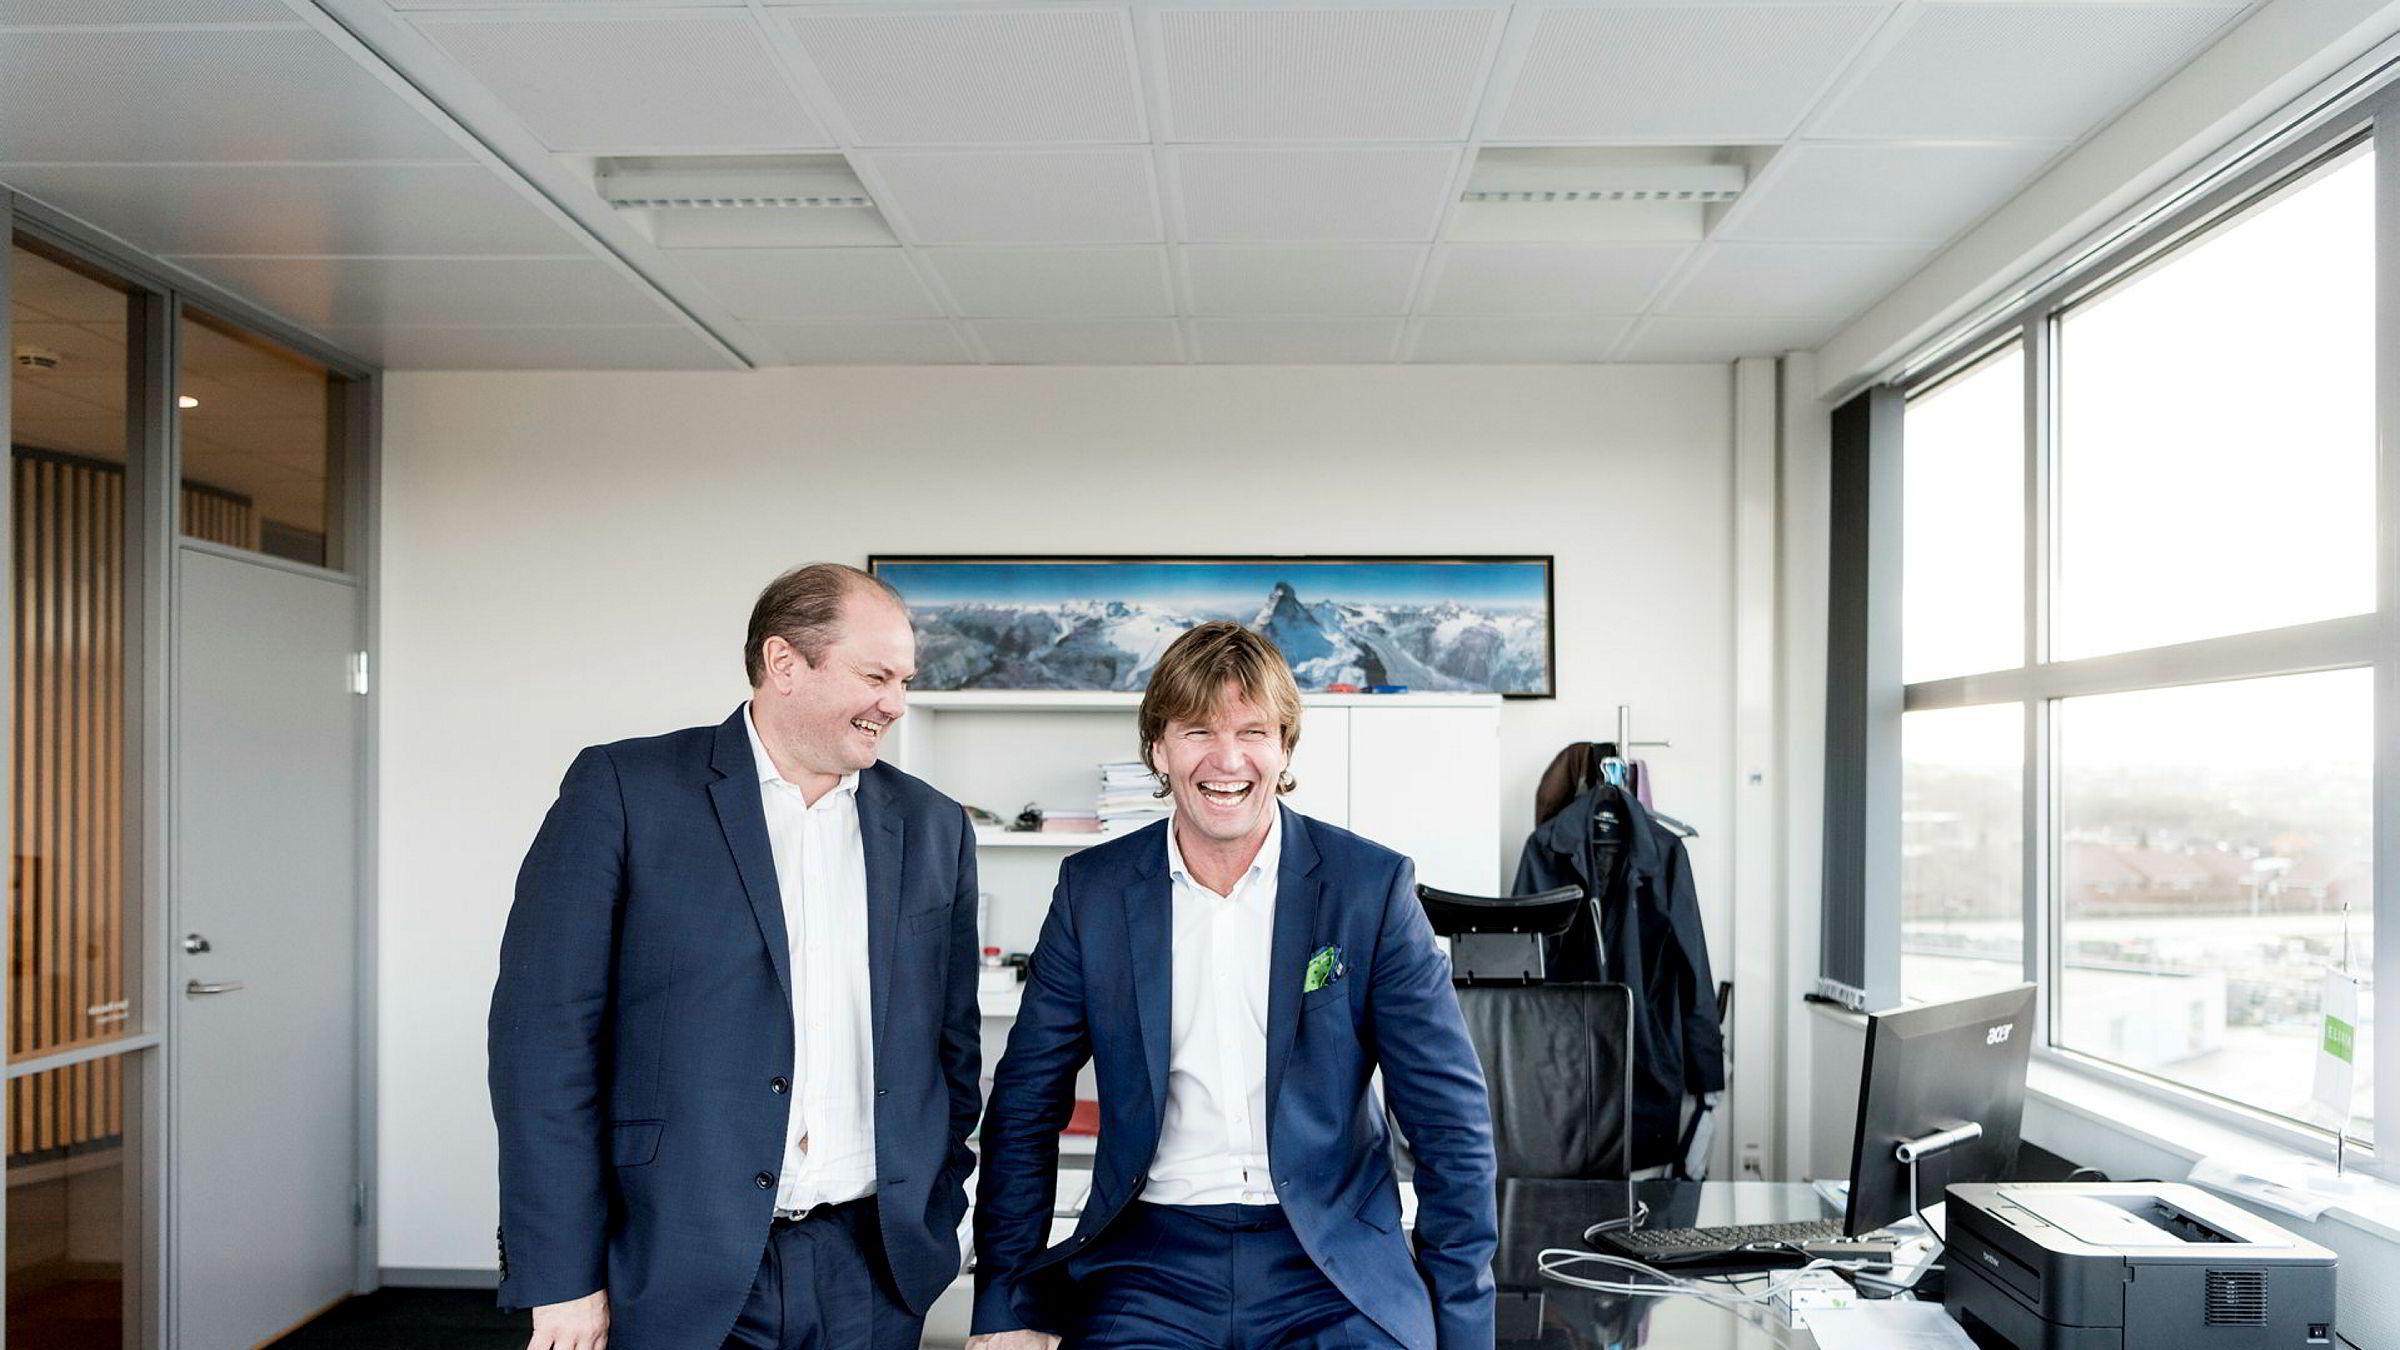 Svein Ivar Førland (til venstre), tidligere toppsjef i Sandnes Sparebank og Bjørn Maaseide skal hente opp mot 300 millioner kroner til den nye banken Kraft Bank.